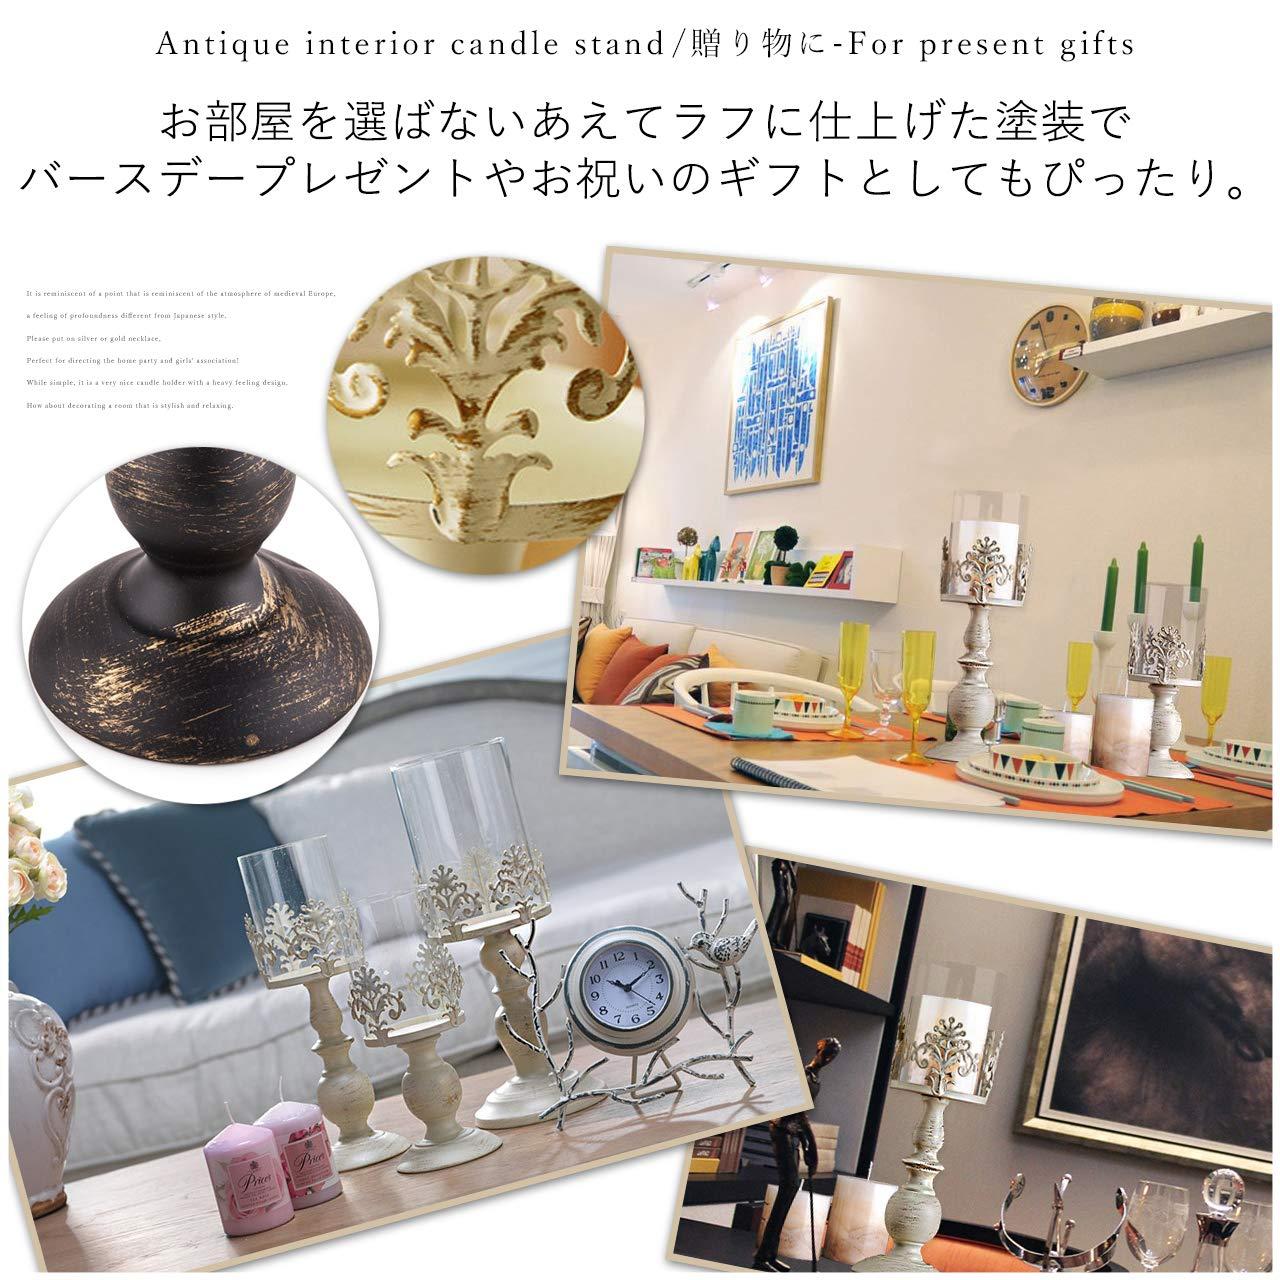 jagger associates services provided by interior designers Amazon|[オマヒット] キャンドル ホルダー スタンド ガラス付 (M, 黒)|キャンドル・キャンドルスタンド オンライン通販